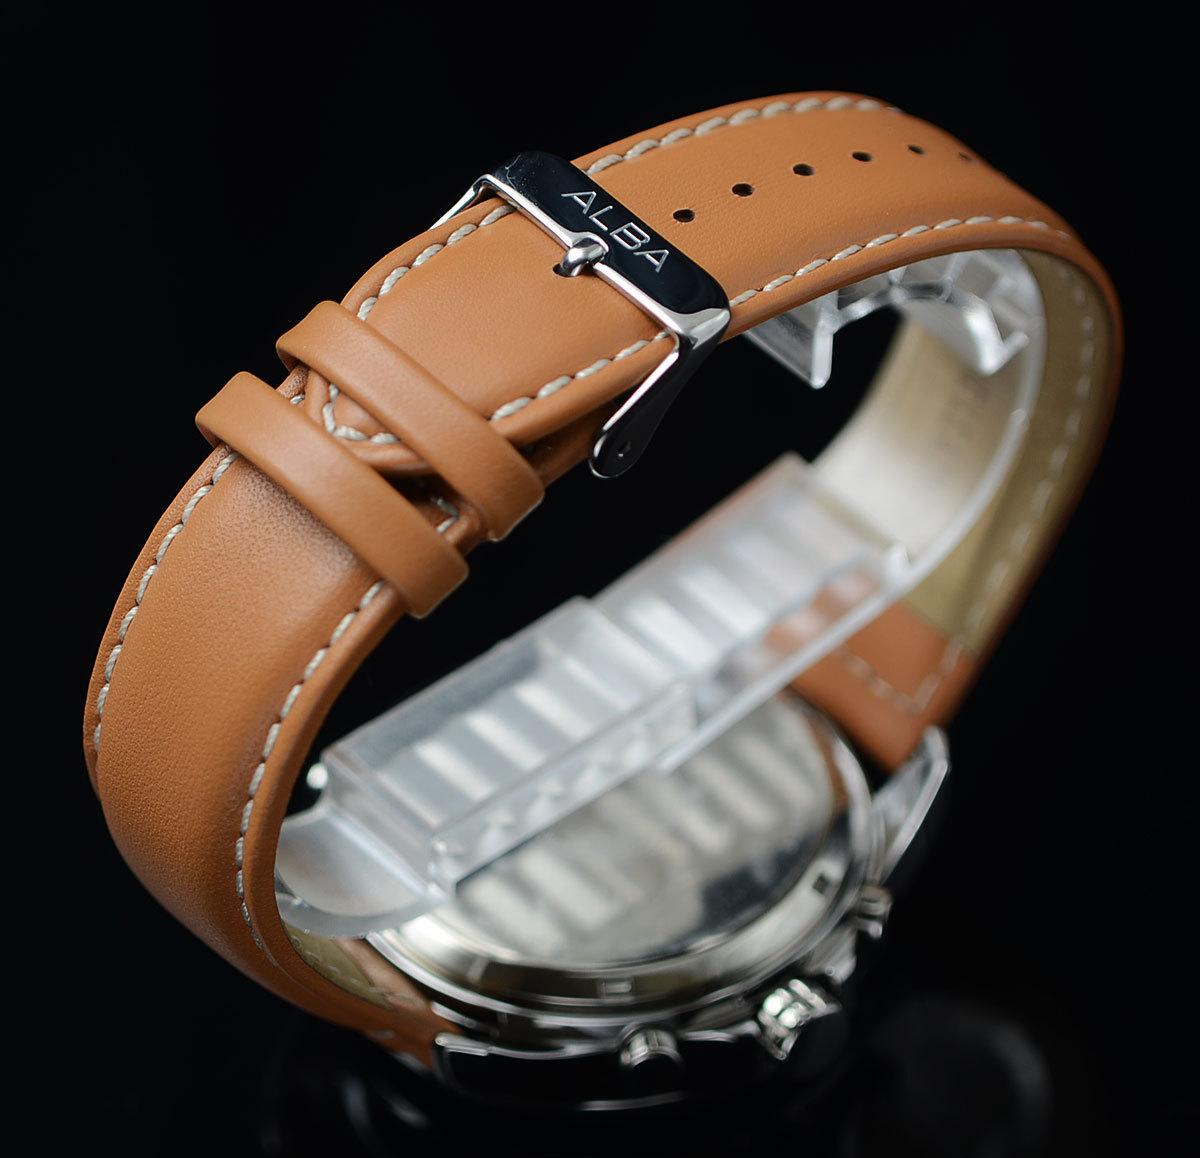 1円×3本 セイコーALBA逆輸入 デジアナ 100m防水 クロノグラフ ワールドタイム アラーム 新品メンズ激レア入手困難 日本未発売 SEIKO腕時計_画像6